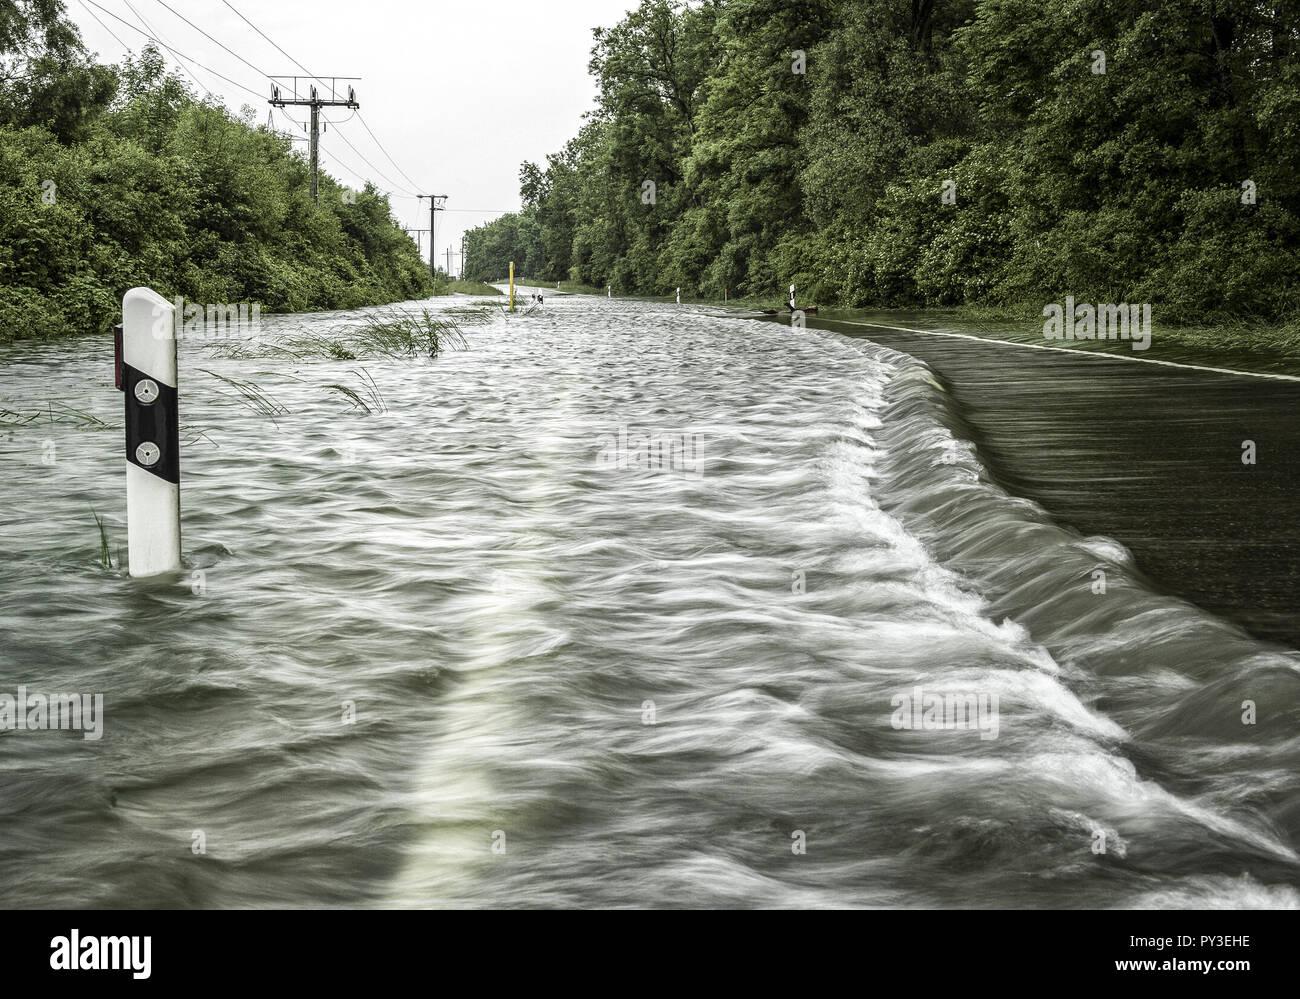 Hochwasser, ueberschwemmte Strasse - Stock Image